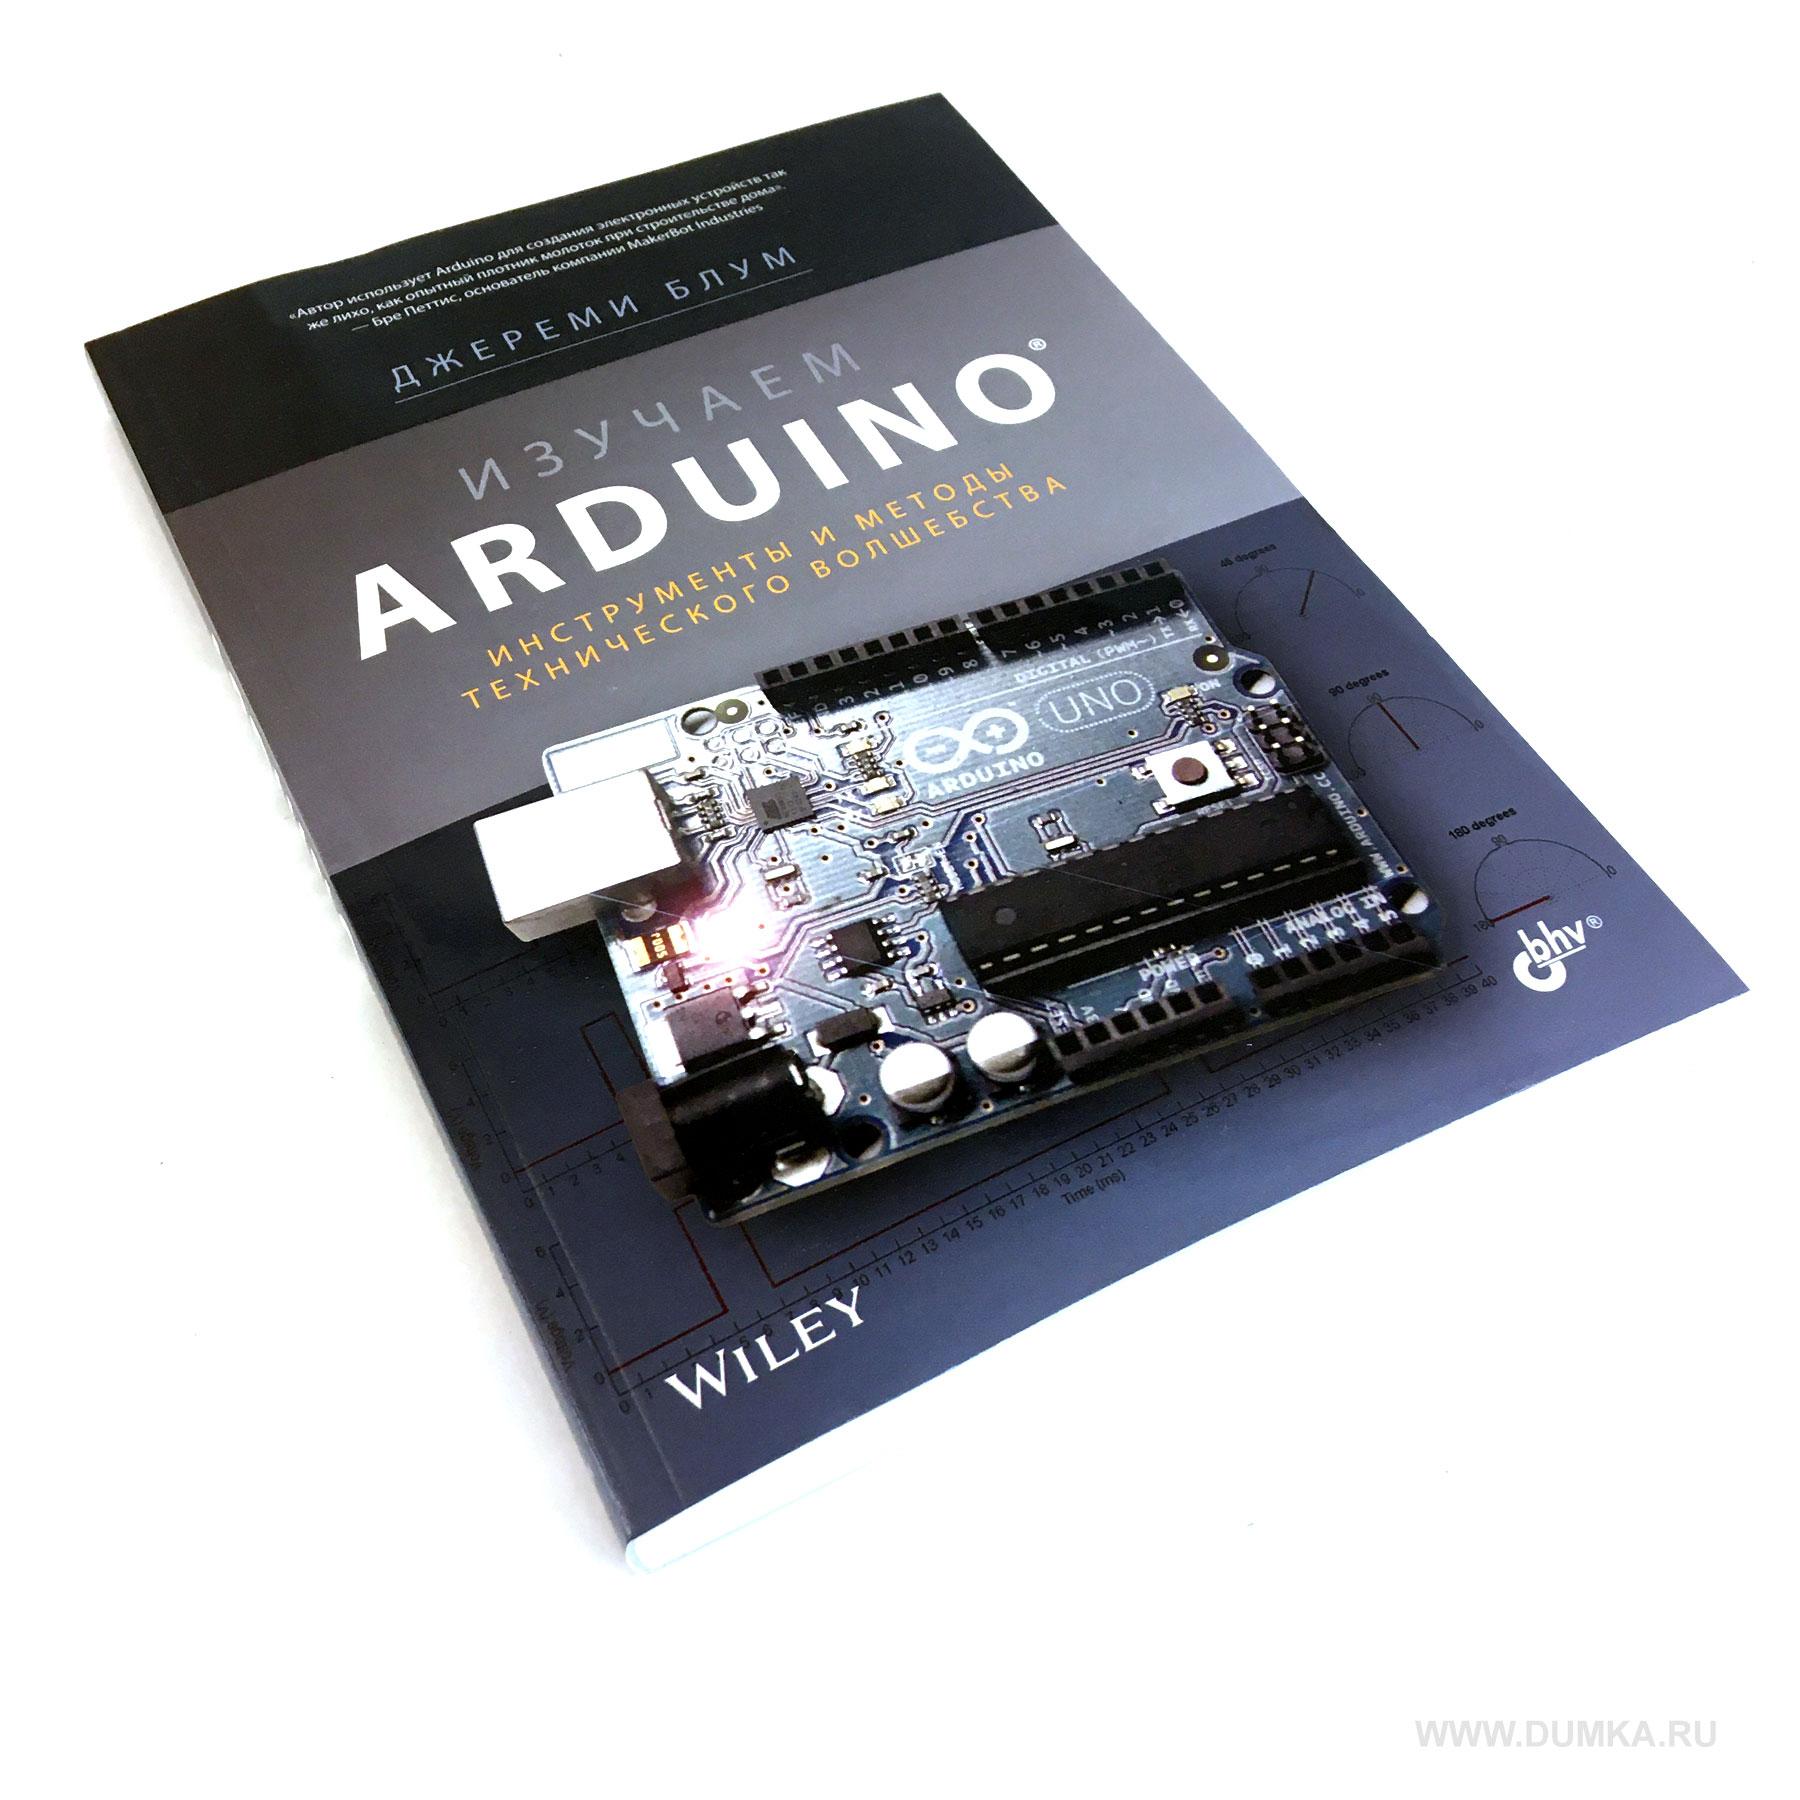 nabor-po-elektronike-umnyi-dom-na-baze-arduino-foto-tdx-978-5-9775-6608-7-18.jpg